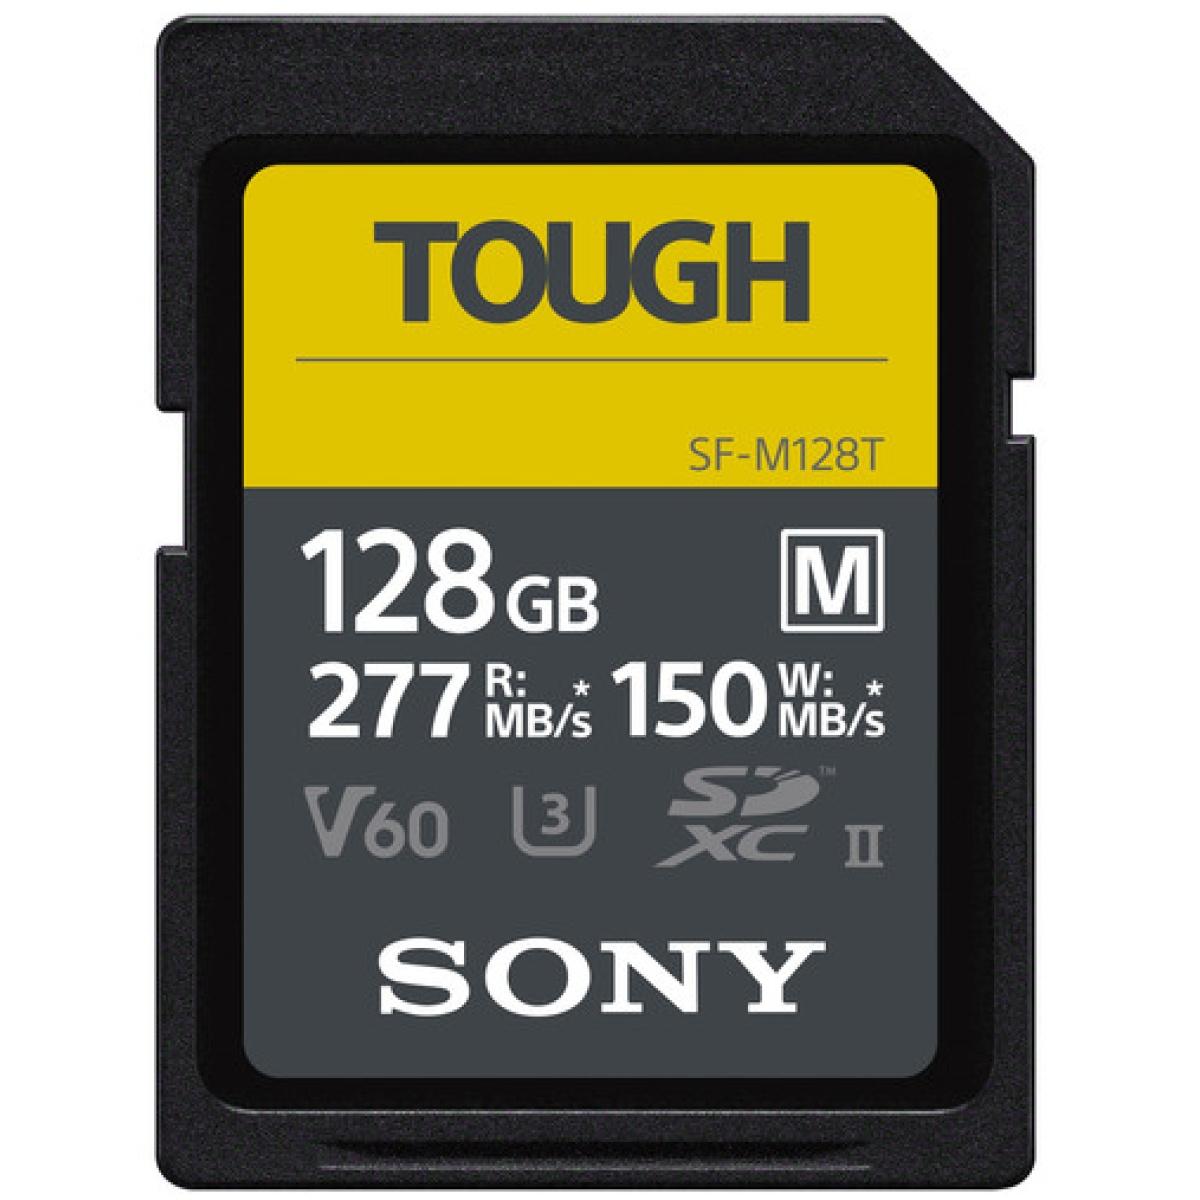 Sony 128 GB SDXC Tough M